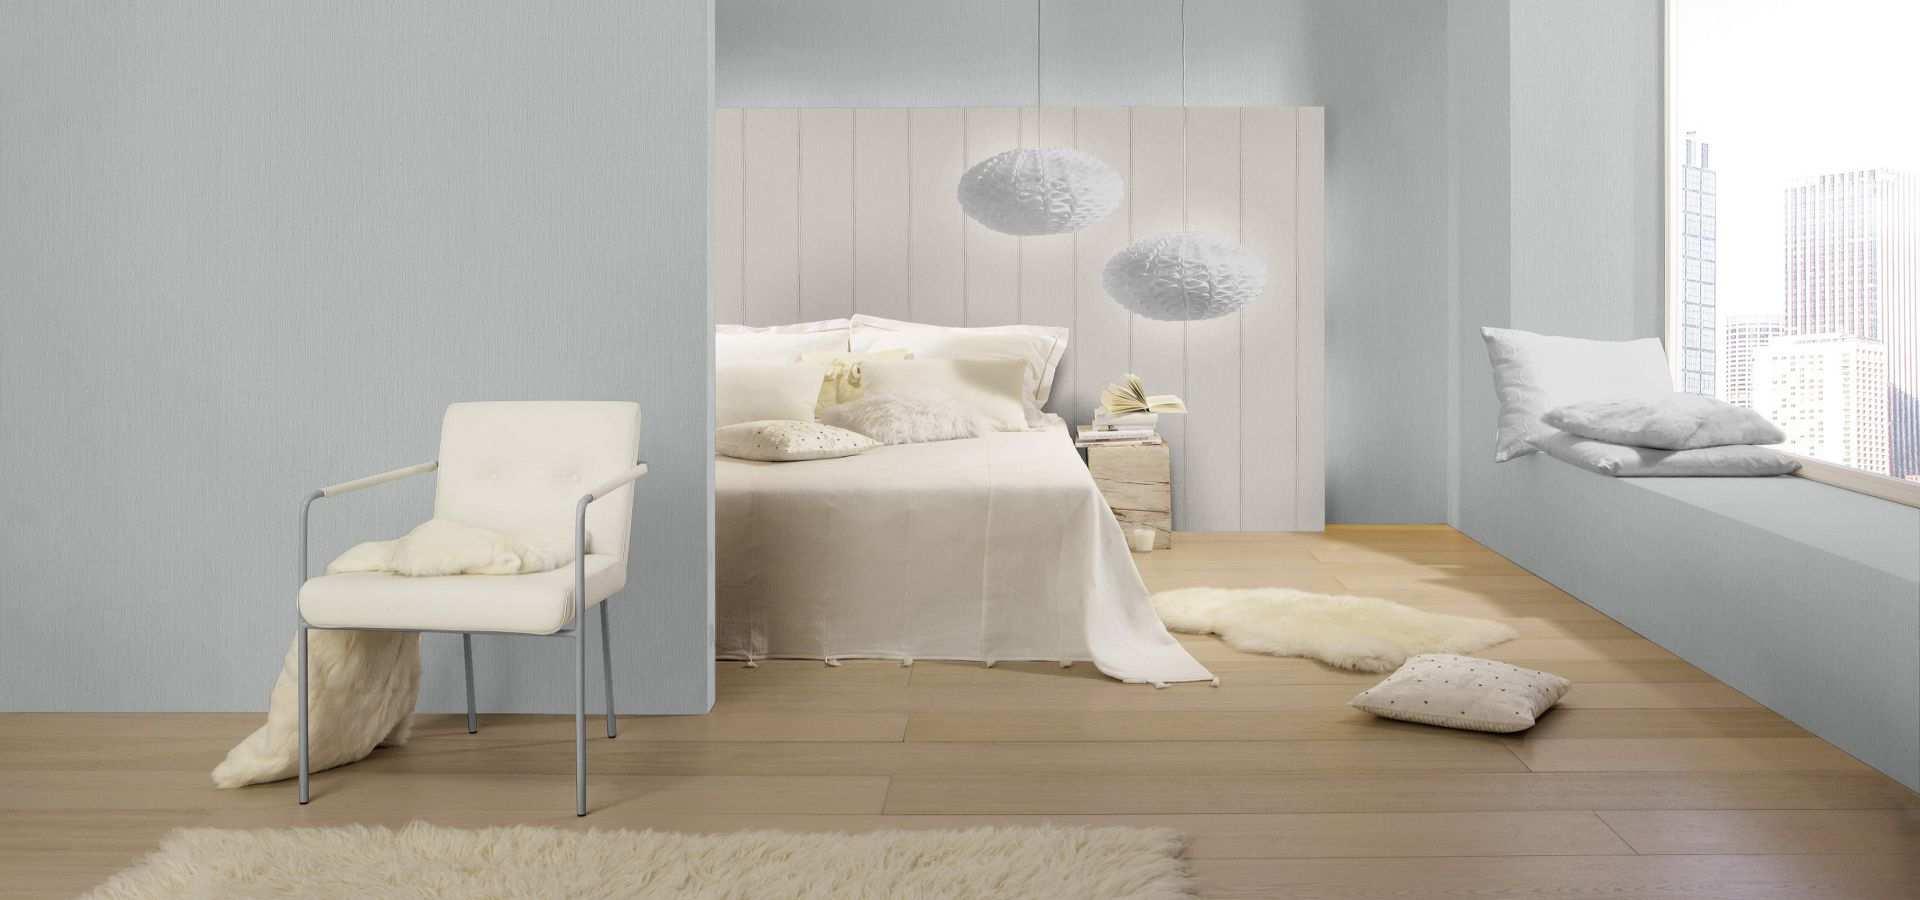 Bild Schlafzimmer Tapete grau weiß gestreift